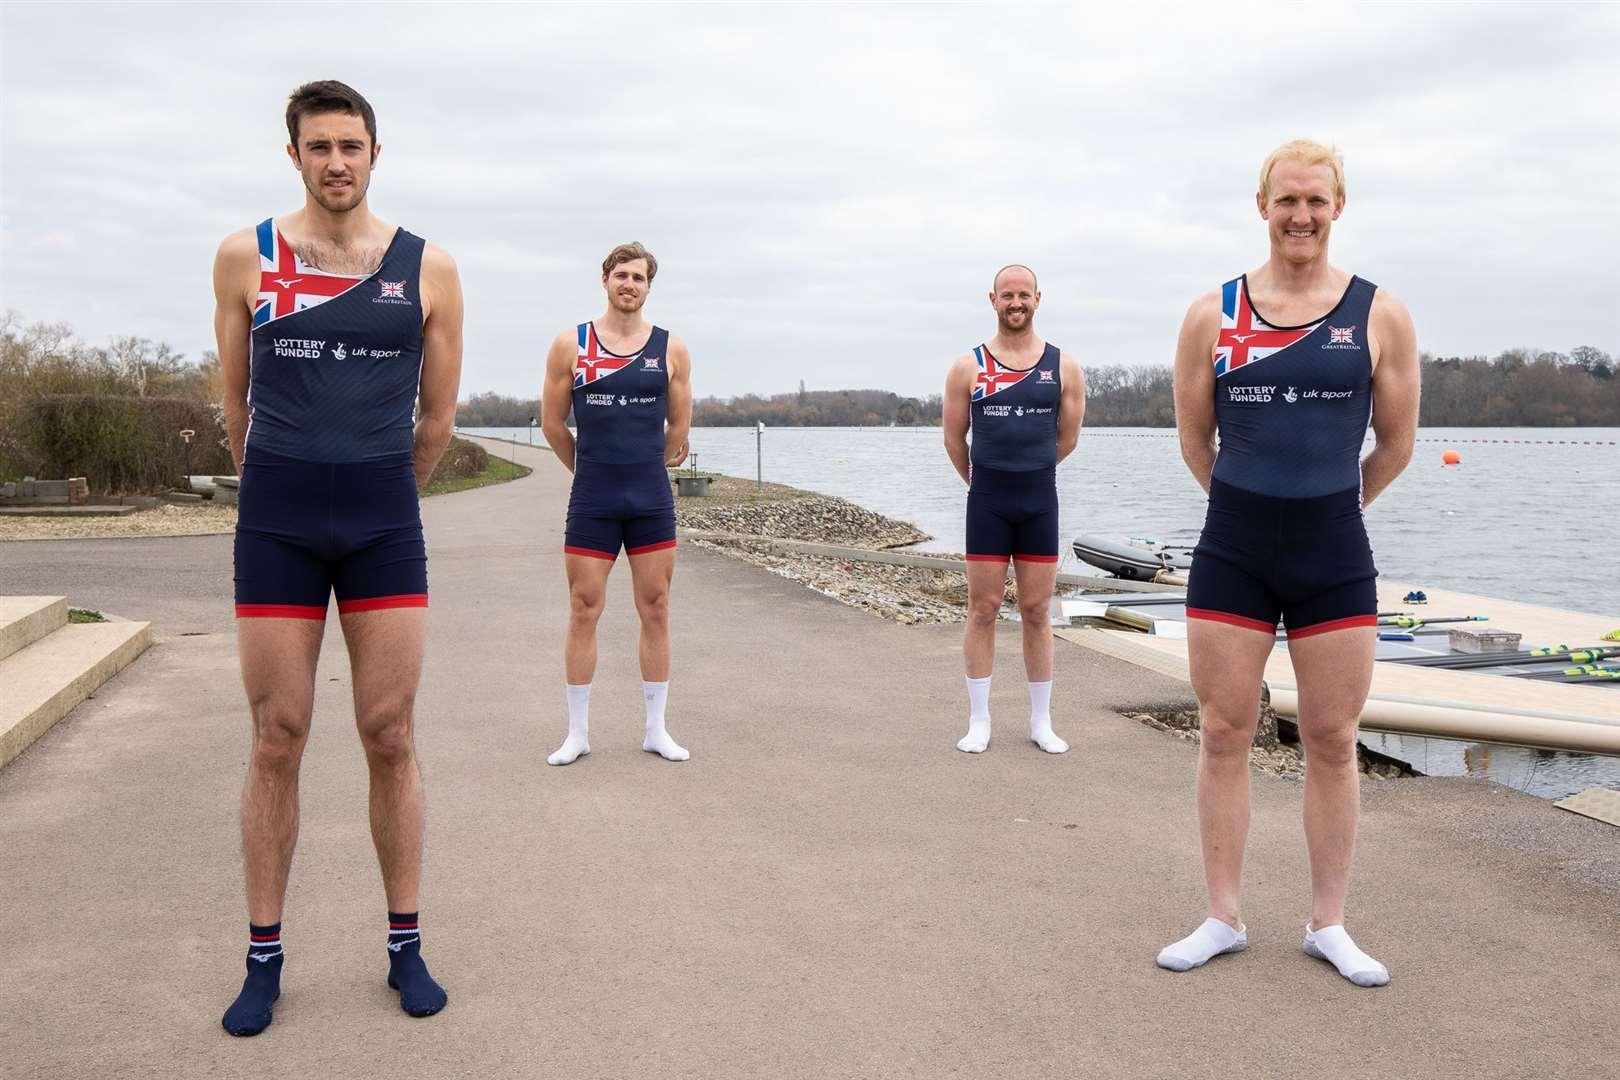 Rossiter (von hinten nach rechts) mit seinen Teamkollegen vor der Europameisterschaft    Bild: Britisches Rudern